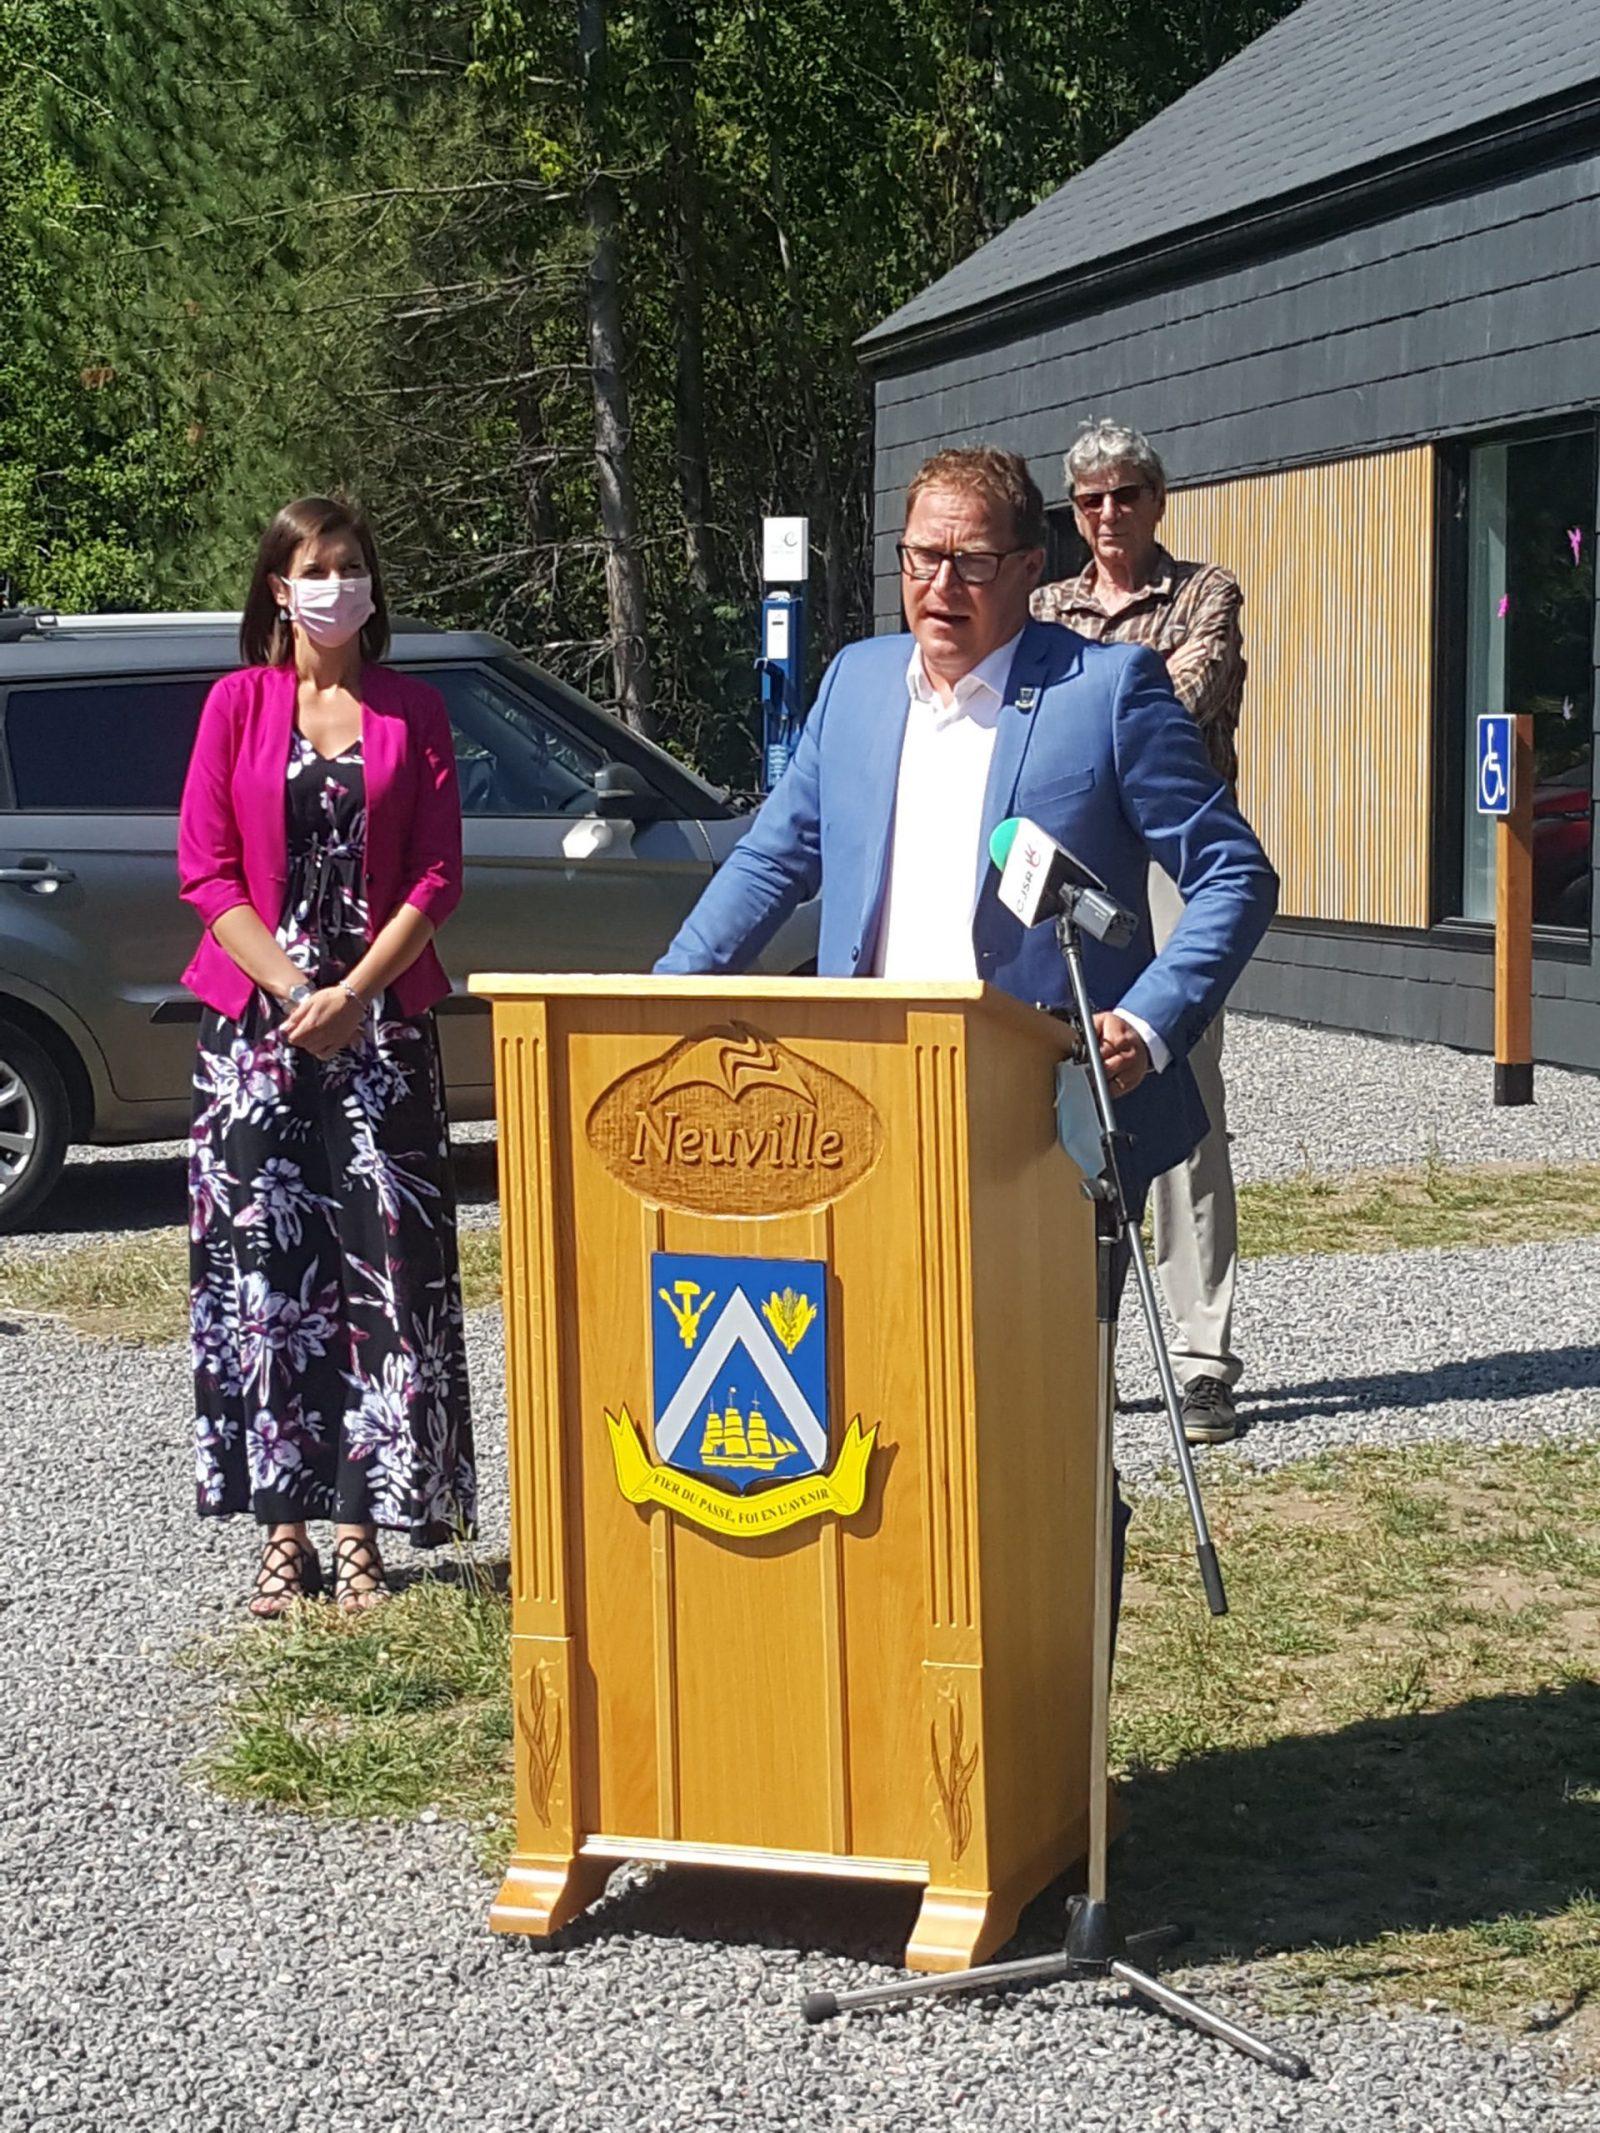 M. Bernard Gaudreault, maire de la ville de Neuville, s'est dit fier du nouvel équipement inauguré en ce jour du 18 août 2021.